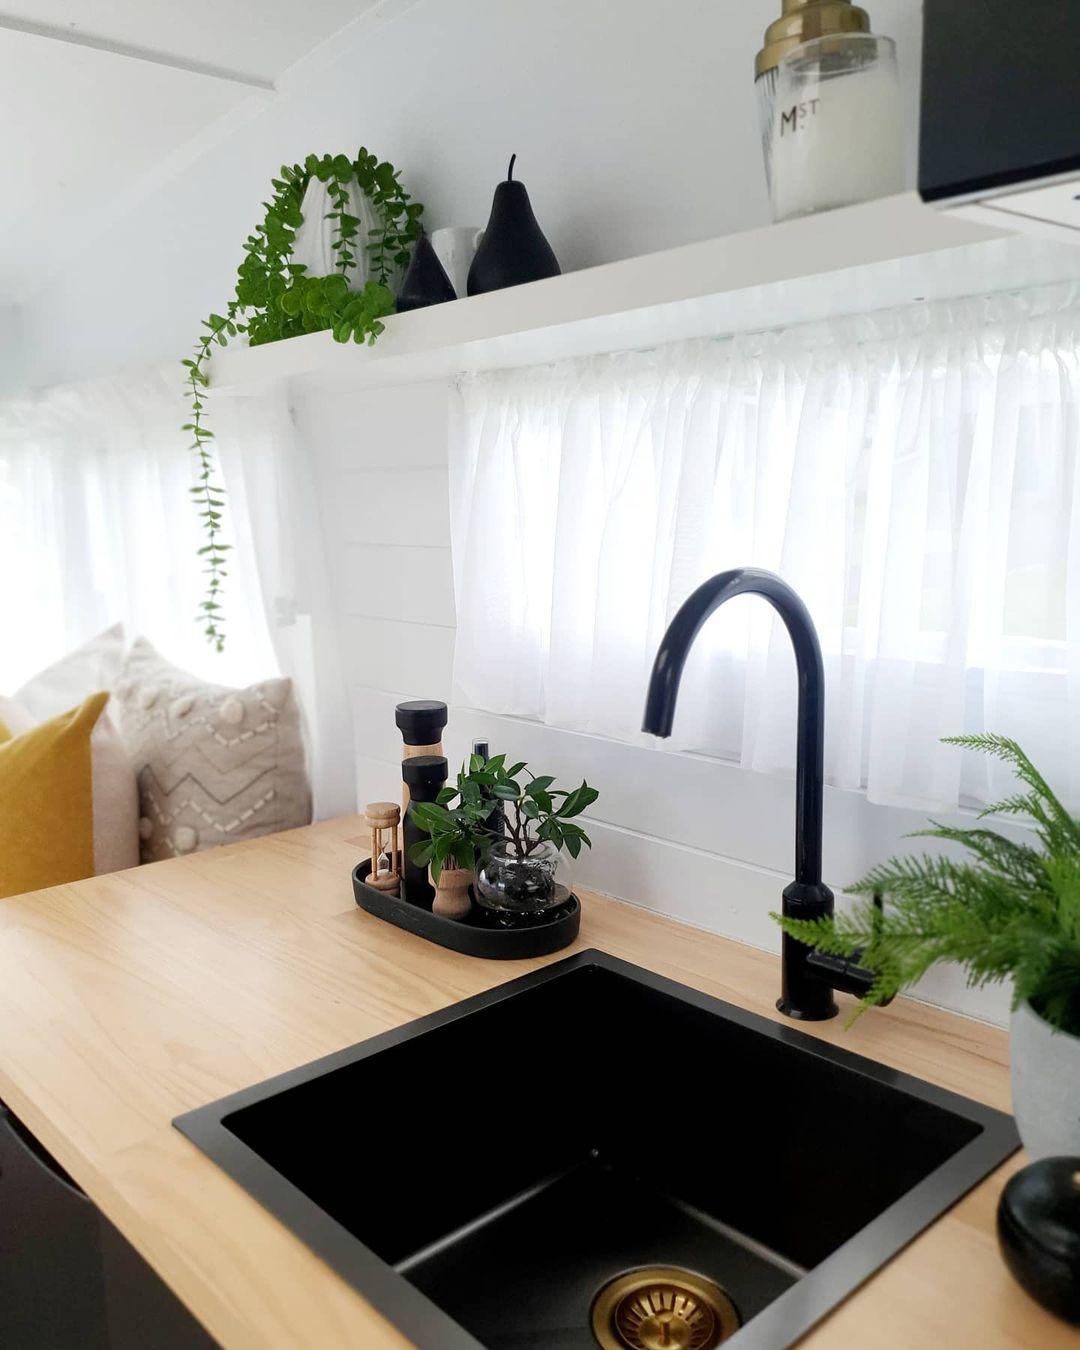 Kitchen area inside a remodeled camper.